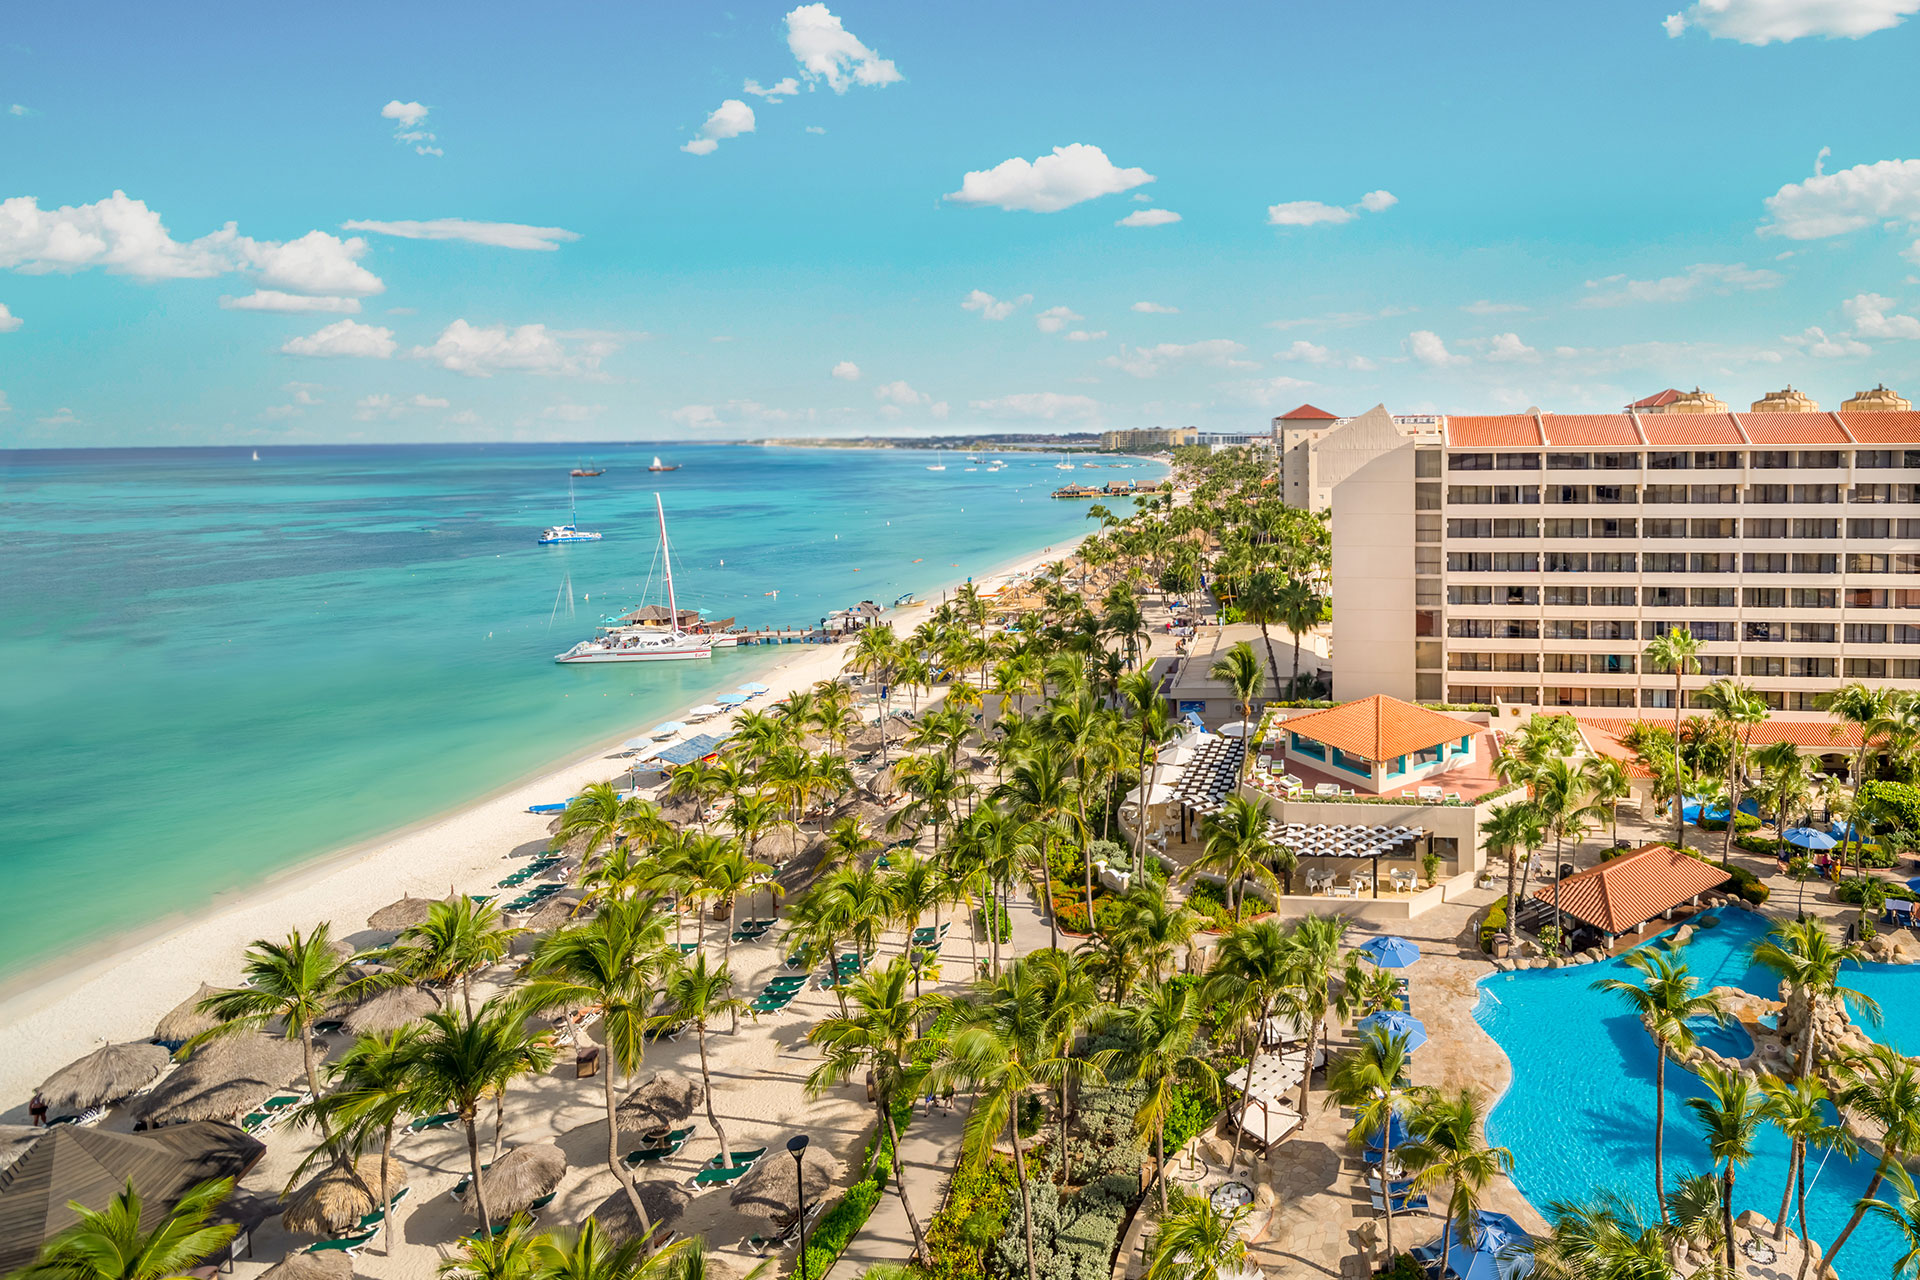 Aerial View of Barcelo Aruba; Courtesy of Barcelo Aruba